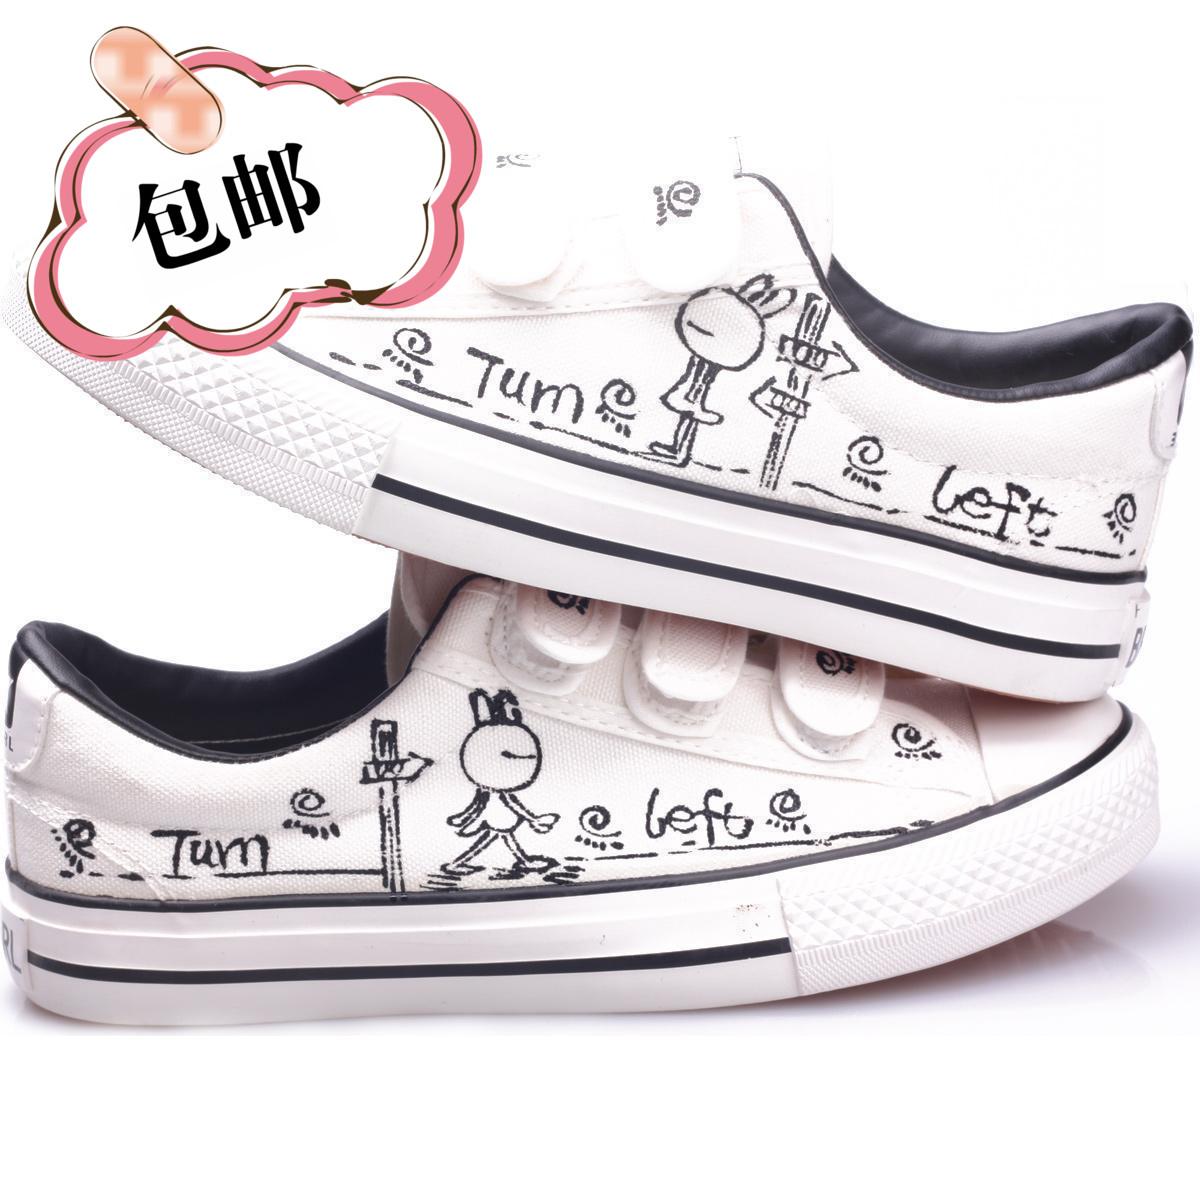 Ручная роспись детей Холст обувь мальчиков Повседневная обувь Xia Xianan детские обувь Детская обувь мальчиков корейской версии обуви сумка mail